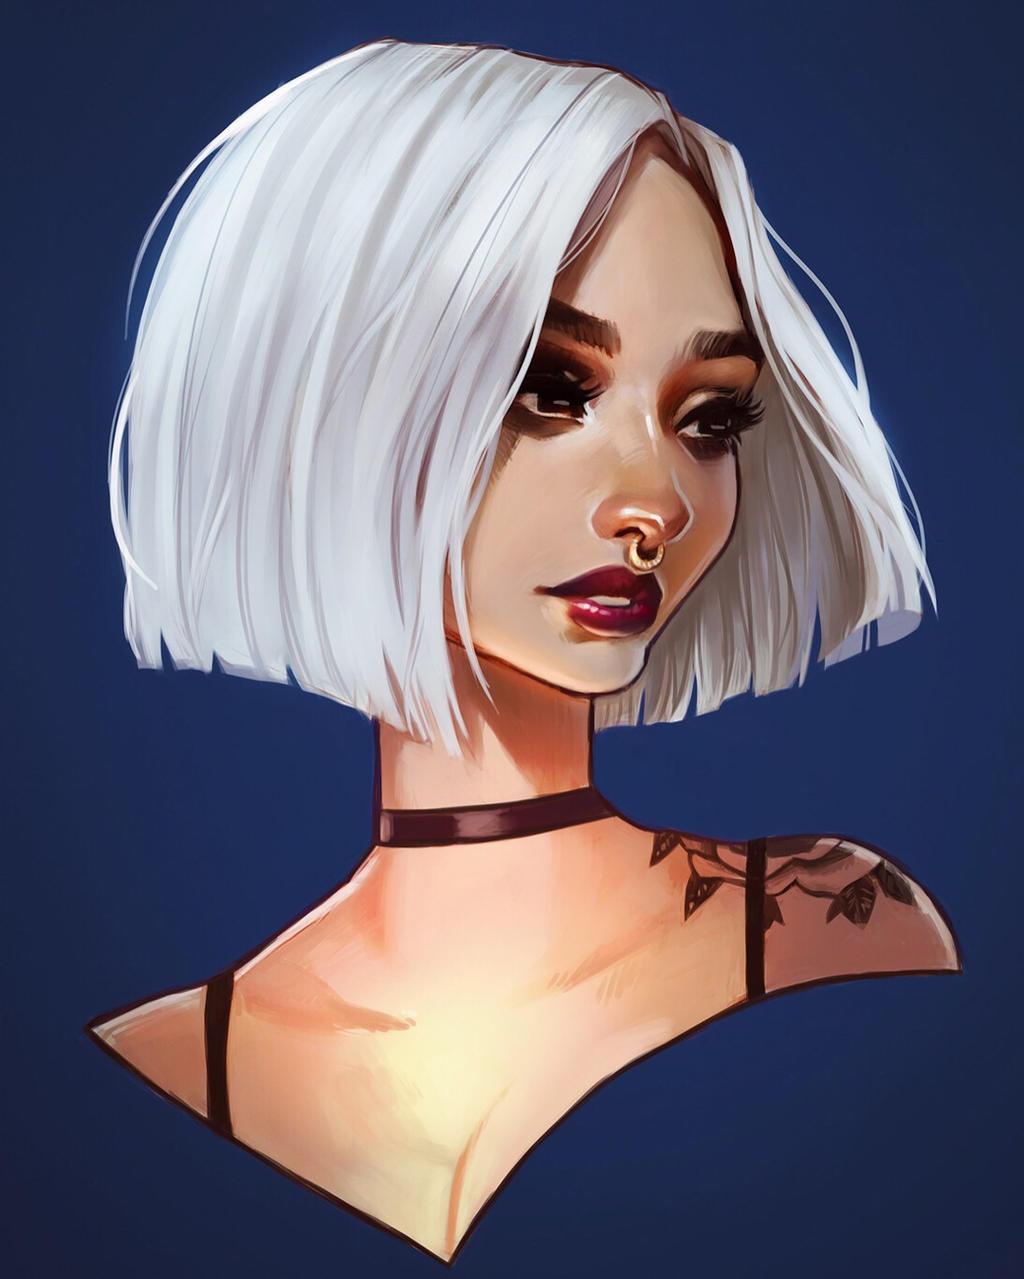 Lora by BoFeng